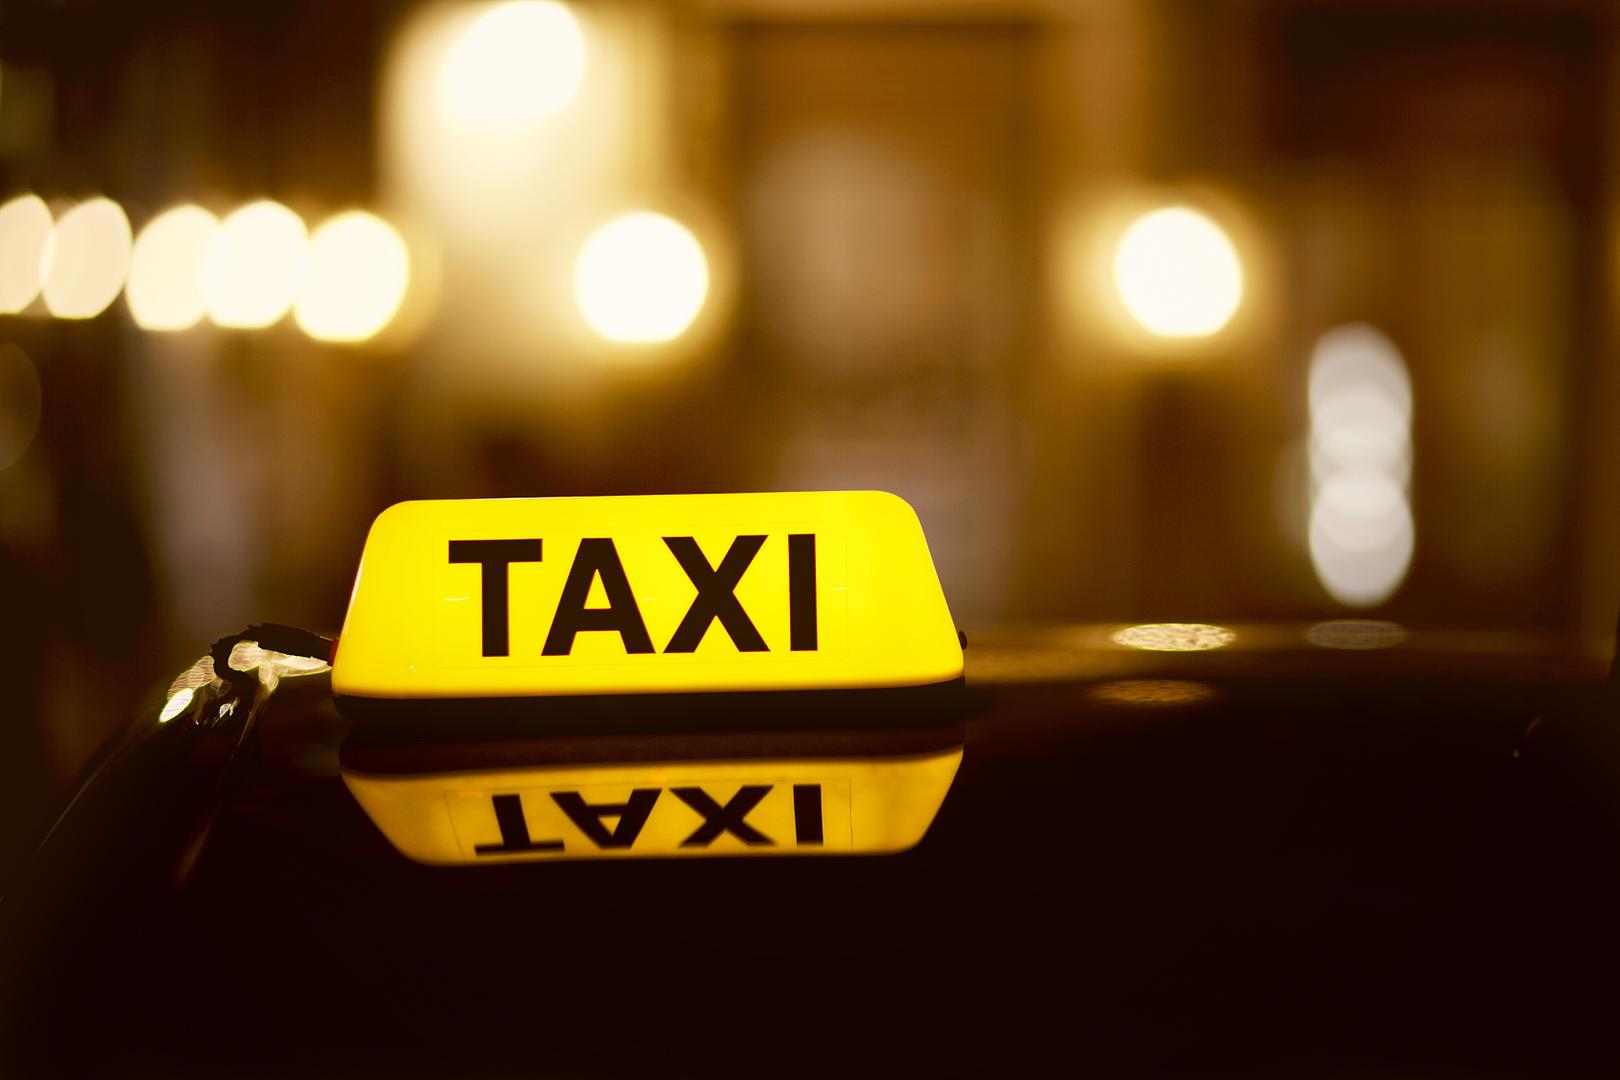 好消息!7月底前,成都11+2区域出租车有望统一运价